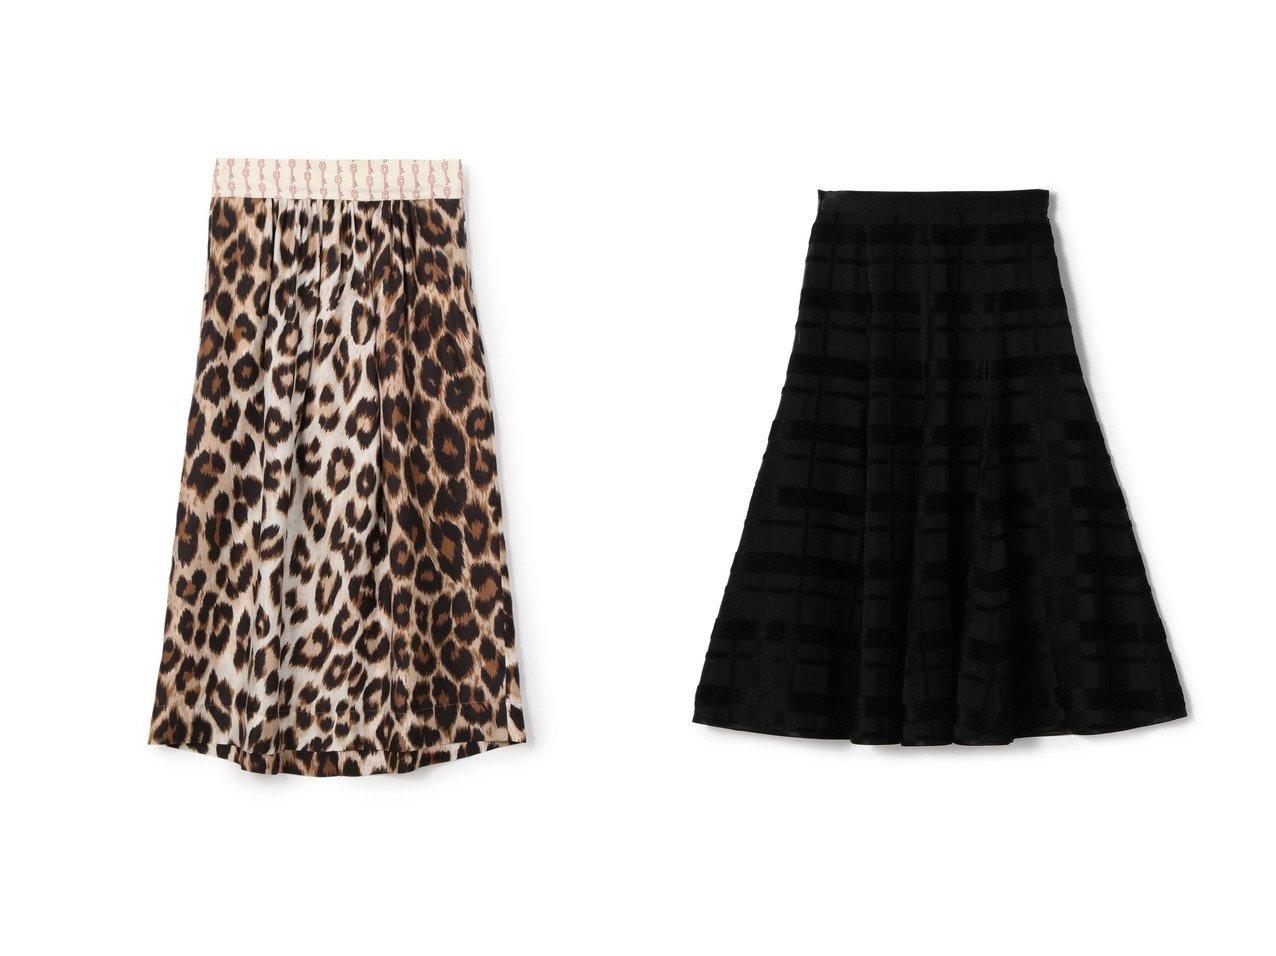 【ESTNATION/エストネーション】のシャドーチェックフレアスカート&【LA PRESTIC OUISTON/ラ プレスティック ウィストン】のシルクレオパードAラインスカート おすすめ!人気、トレンド・レディースファッションの通販 おすすめで人気の流行・トレンド、ファッションの通販商品 メンズファッション・キッズファッション・インテリア・家具・レディースファッション・服の通販 founy(ファニー) https://founy.com/ ファッション Fashion レディースファッション WOMEN スカート Skirt Aライン/フレアスカート Flared A-Line Skirts エレガント コレクション シルク スカーフ ストール パターン フランス プリント モダン モチーフ レオパード ヴィンテージ 再入荷 Restock/Back in Stock/Re Arrival |ID:crp329100000012662